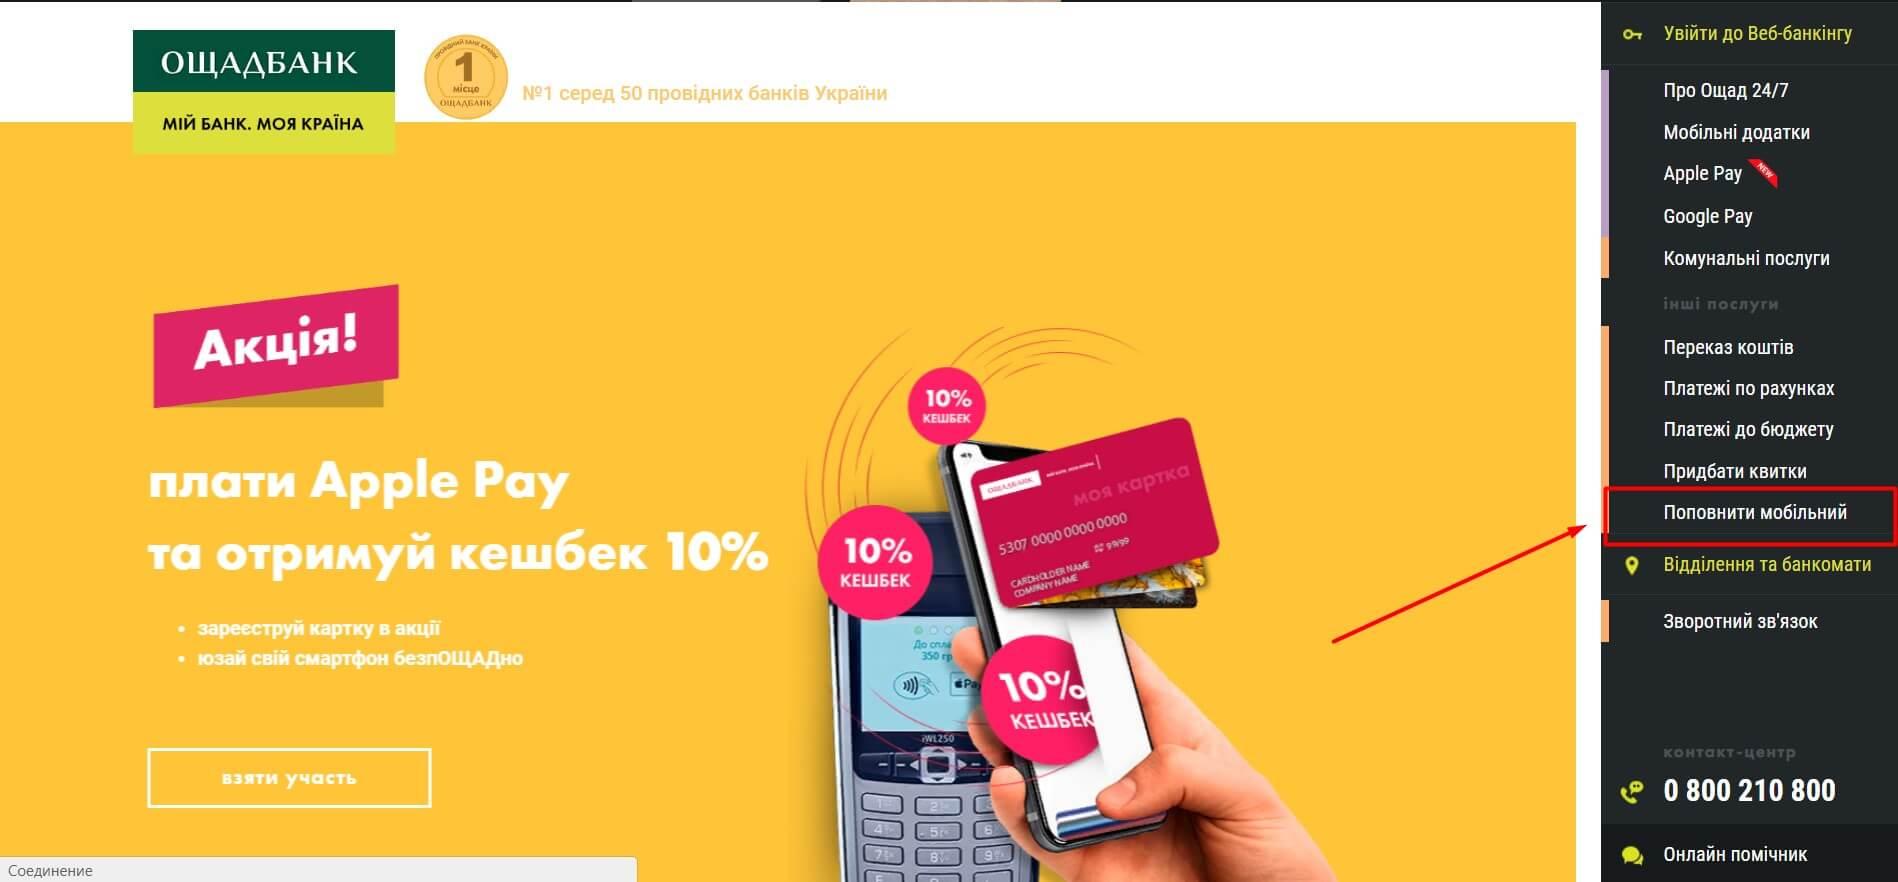 Як поповнити Інтертелеком через картку Ощадбанку: 4 доступні способи